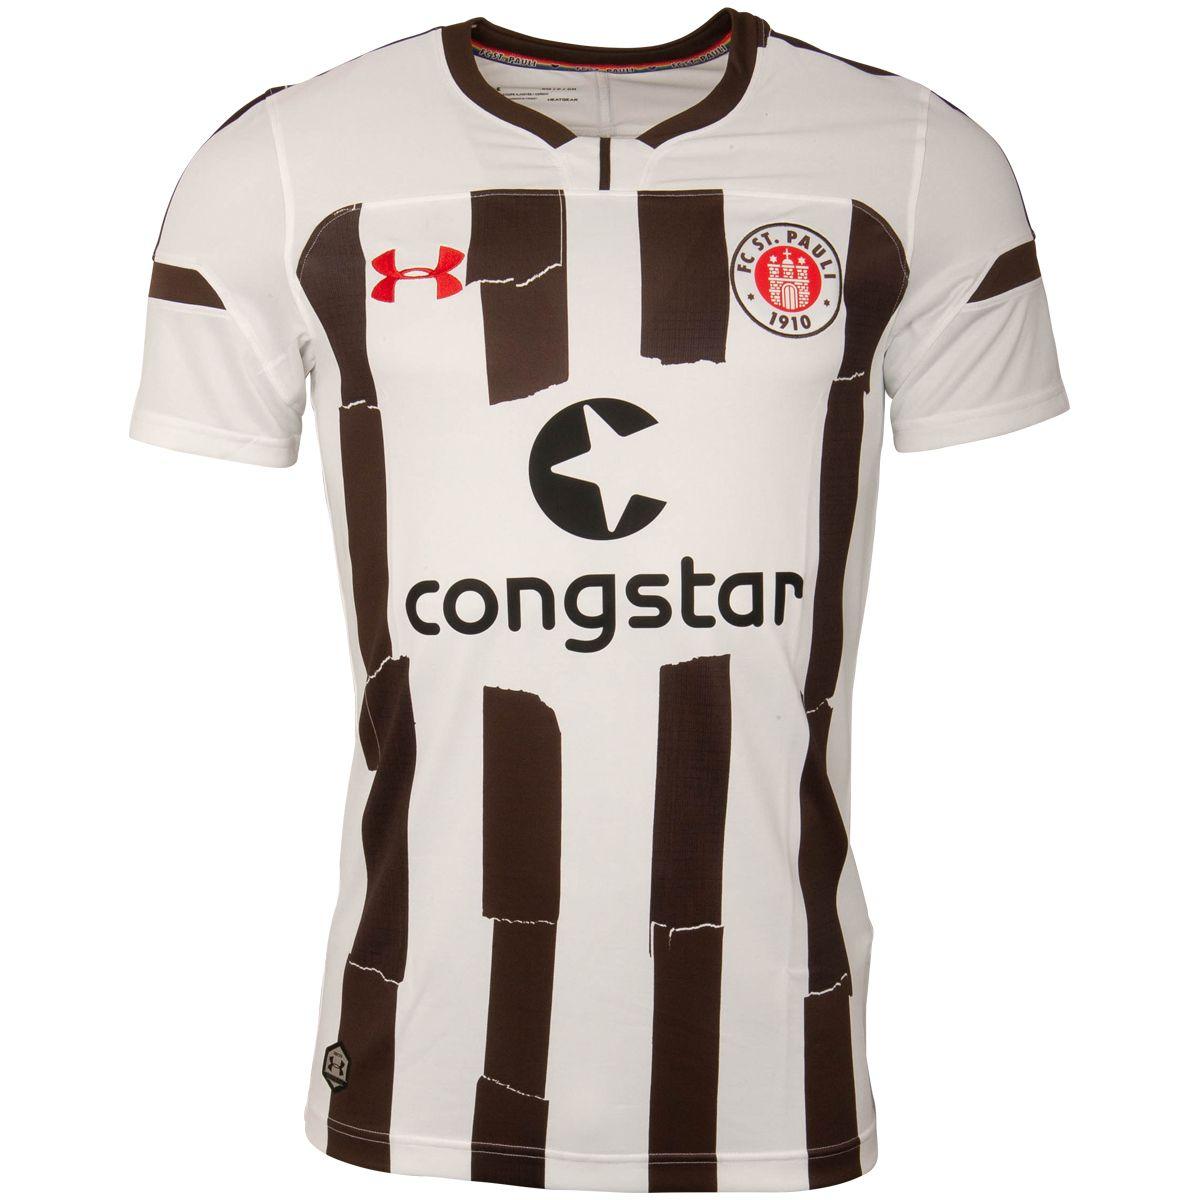 FC St. Pauli - Auswärtstrikot 2018-19 - weiß